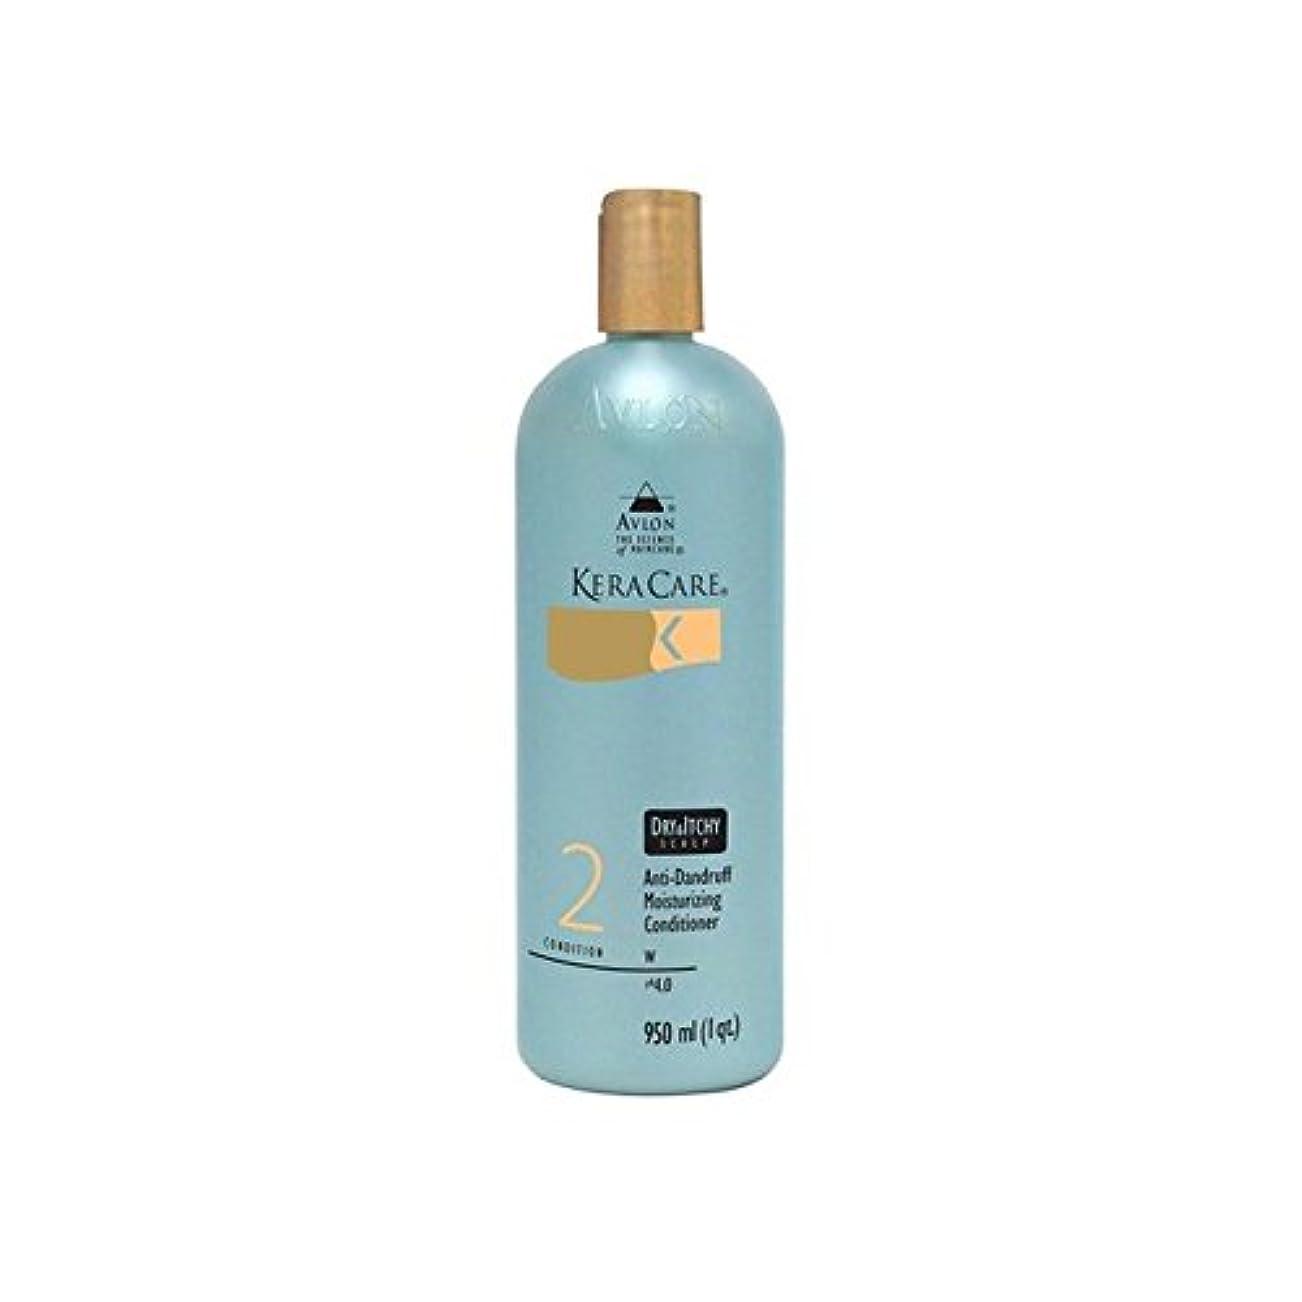 クモリスキーな正確にKeracare Dry And Itchy Scalp Moisturizing Conditioner (950ml) - 乾燥やかゆみ頭皮の保湿コンディショナー(950ミリリットル) [並行輸入品]